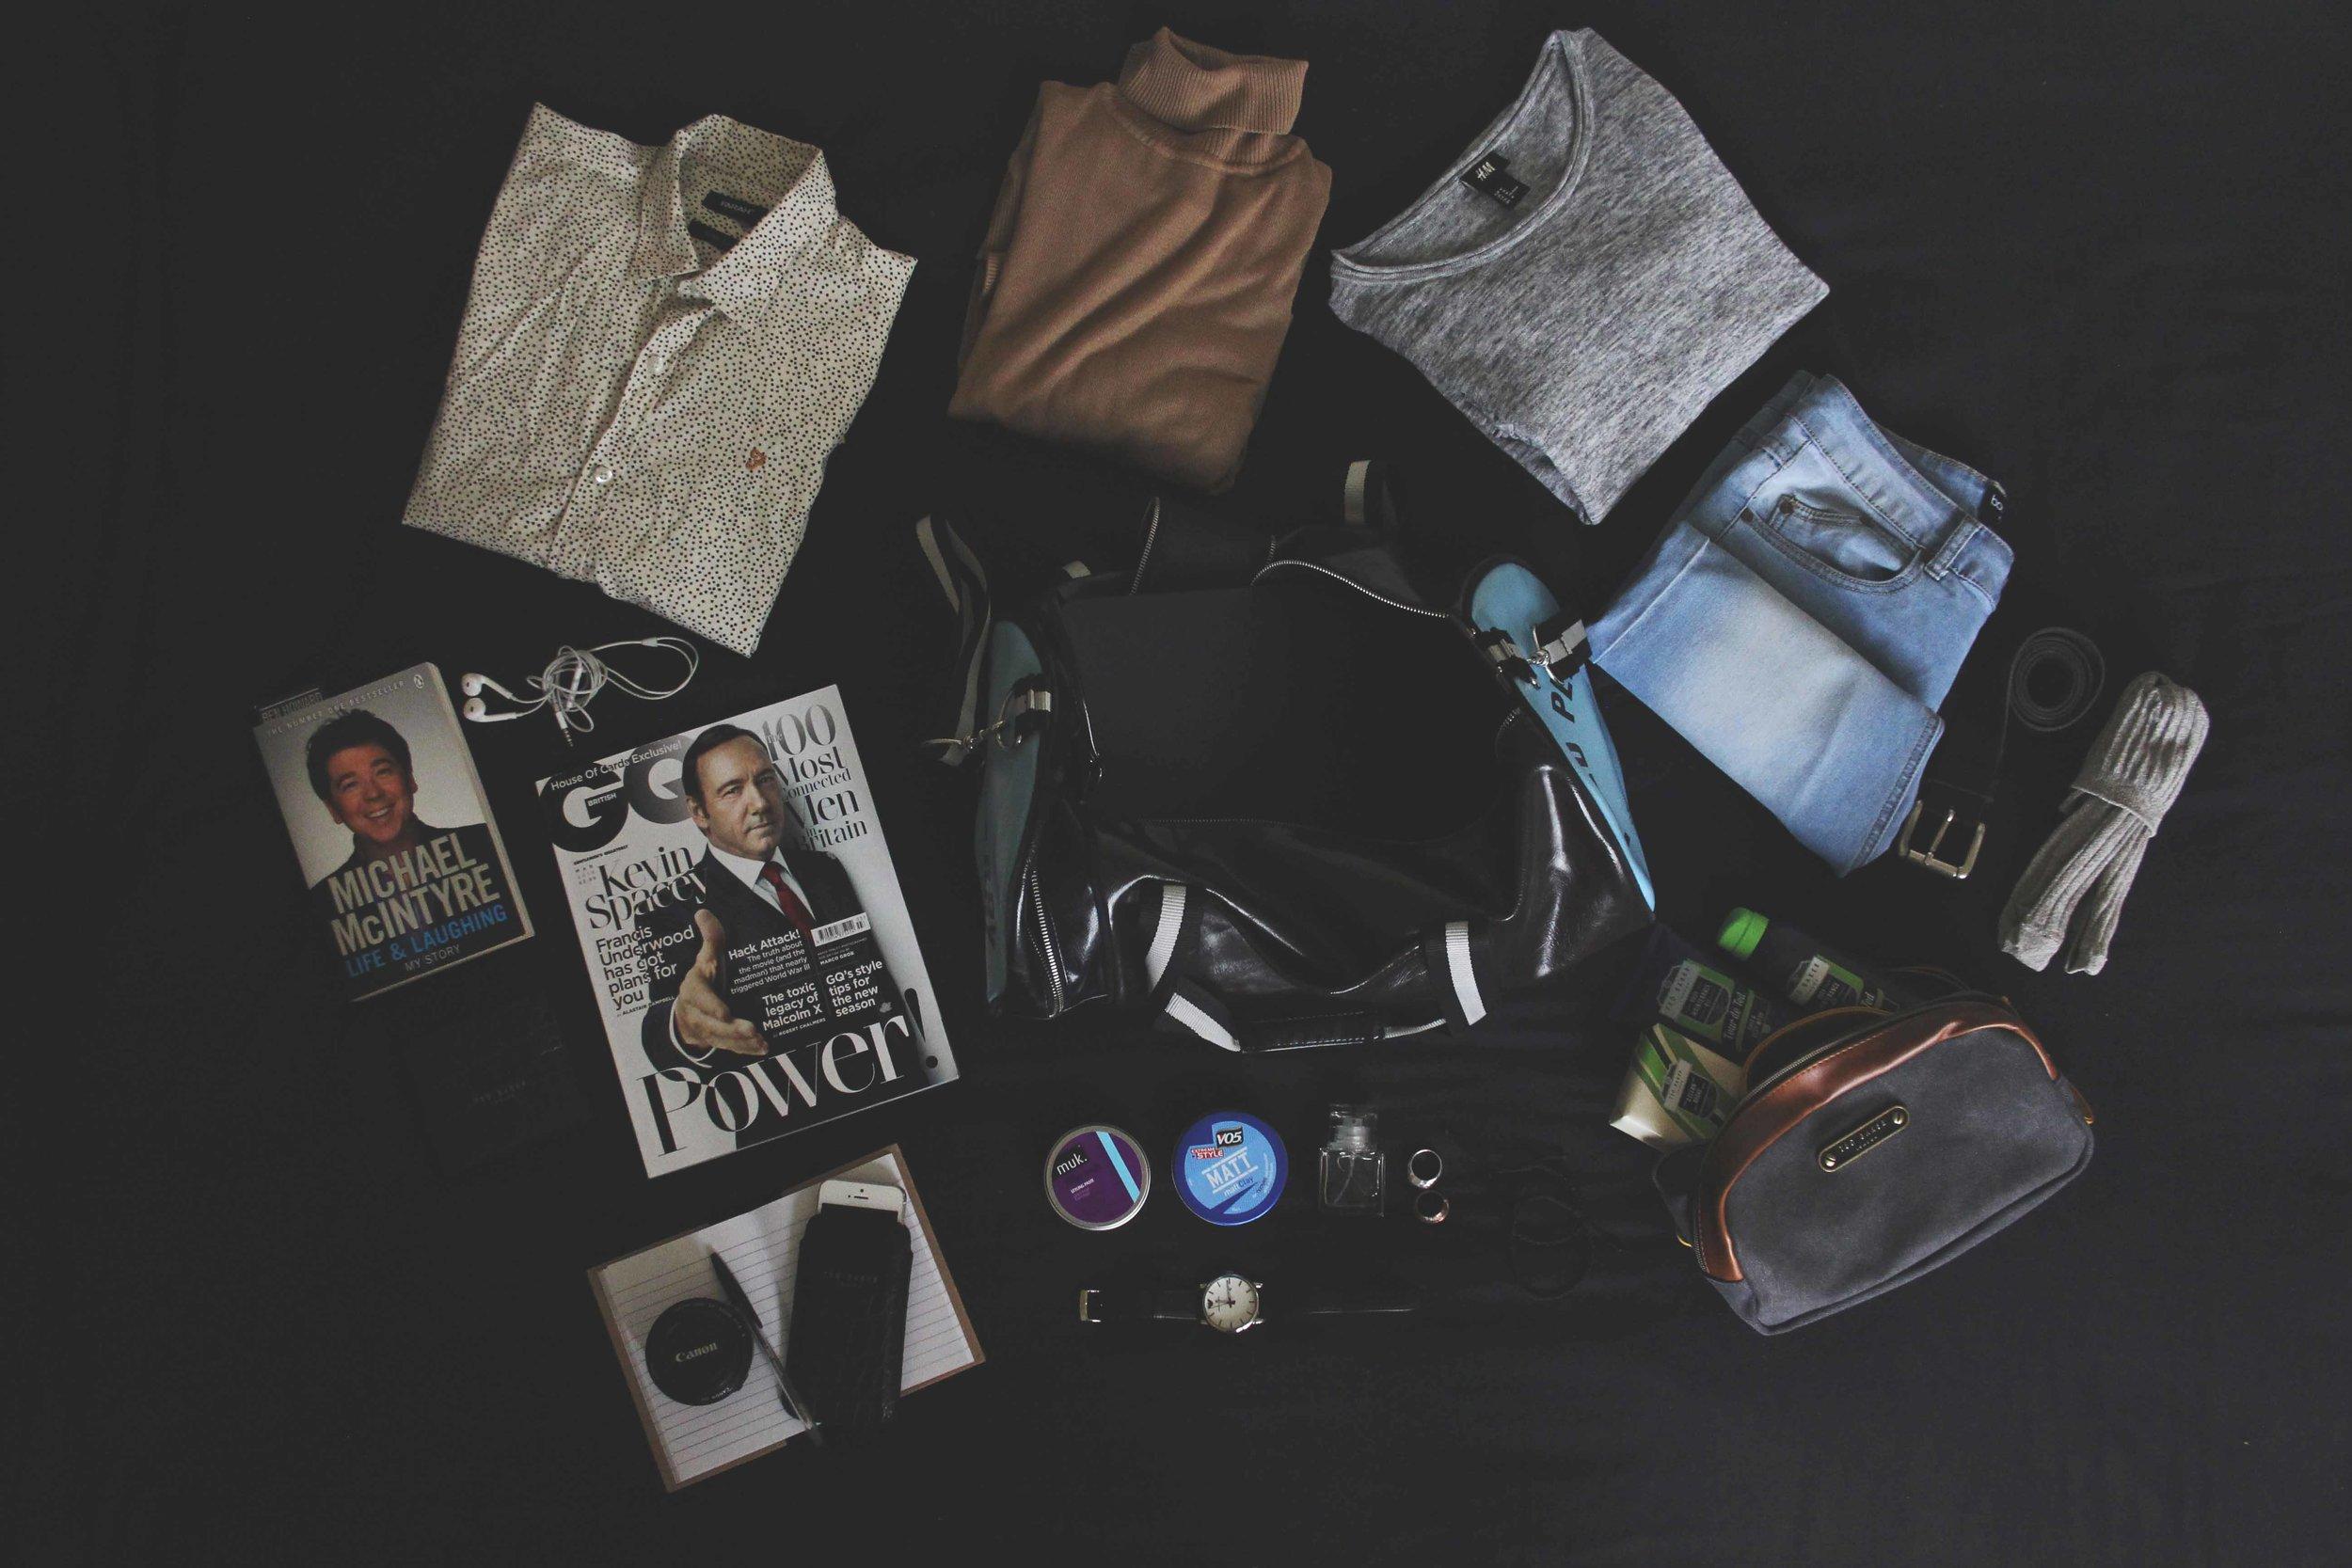 Jordan_Bunker_weekend_bag_1.jpg